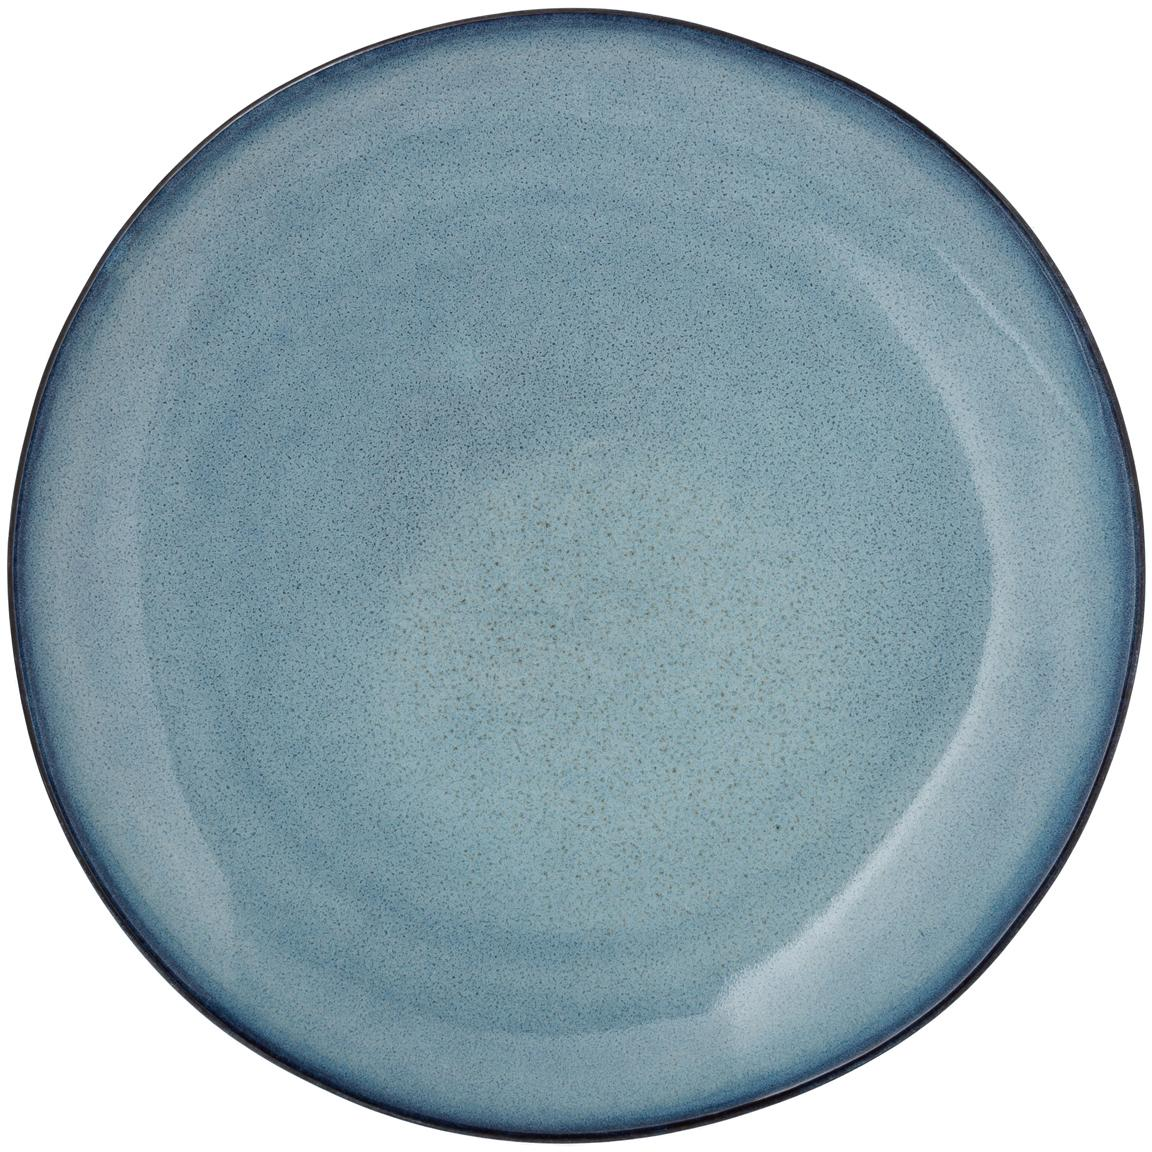 Handgemachter Speiseteller Sandrine in Blau, Steingut, Blautöne, Ø 29 x H 3 cm